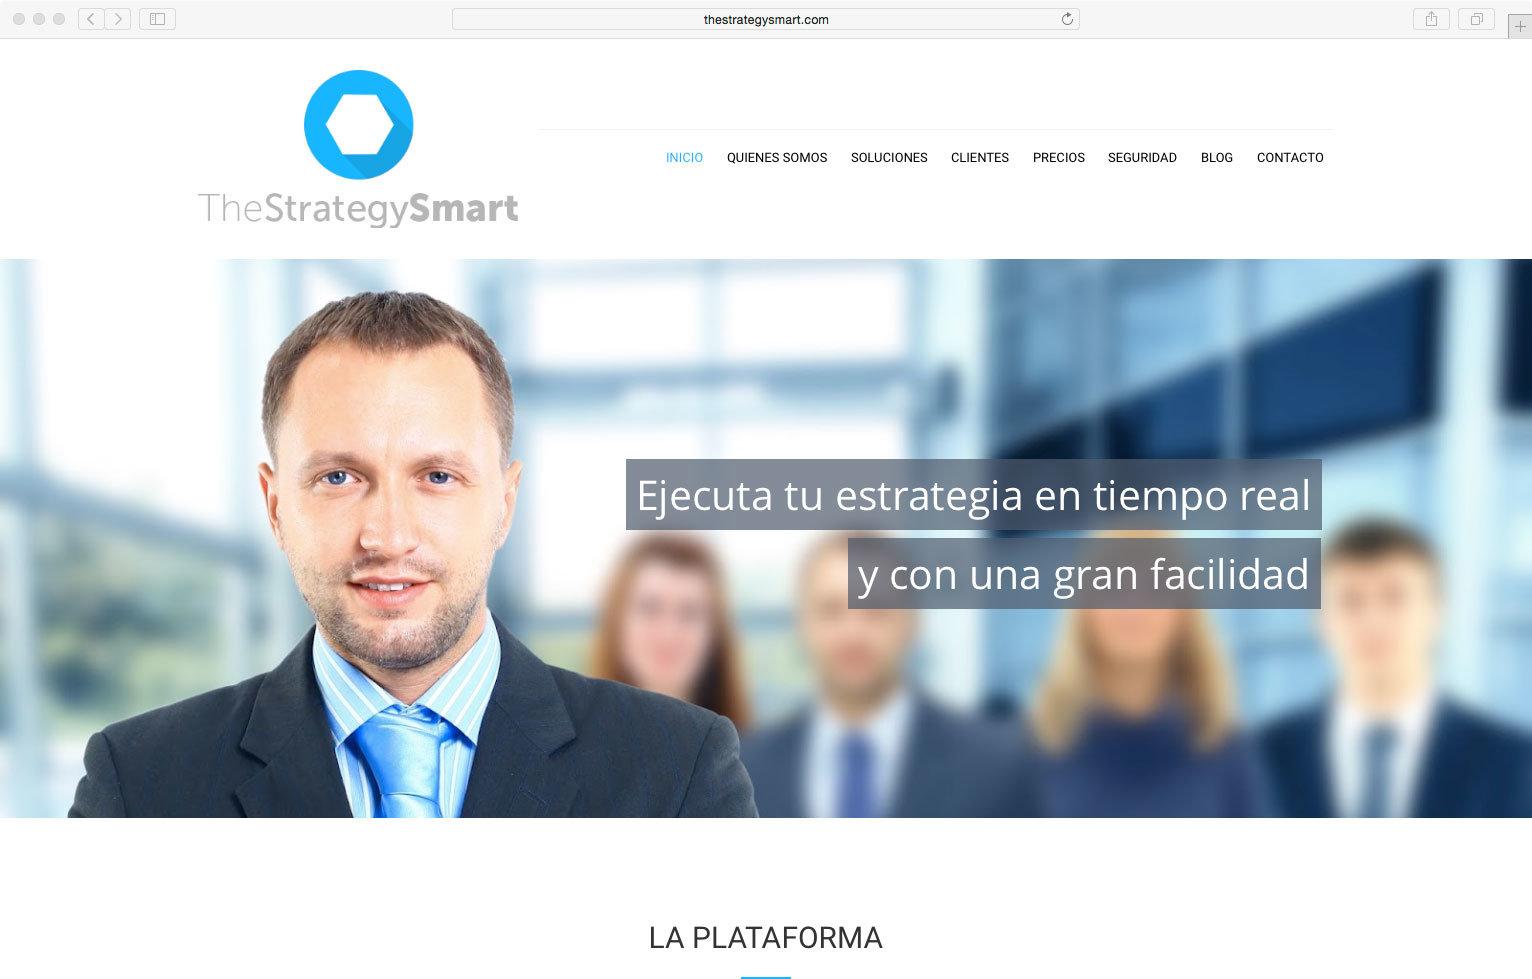 wellaggio diseño web valencia thestrategysmart